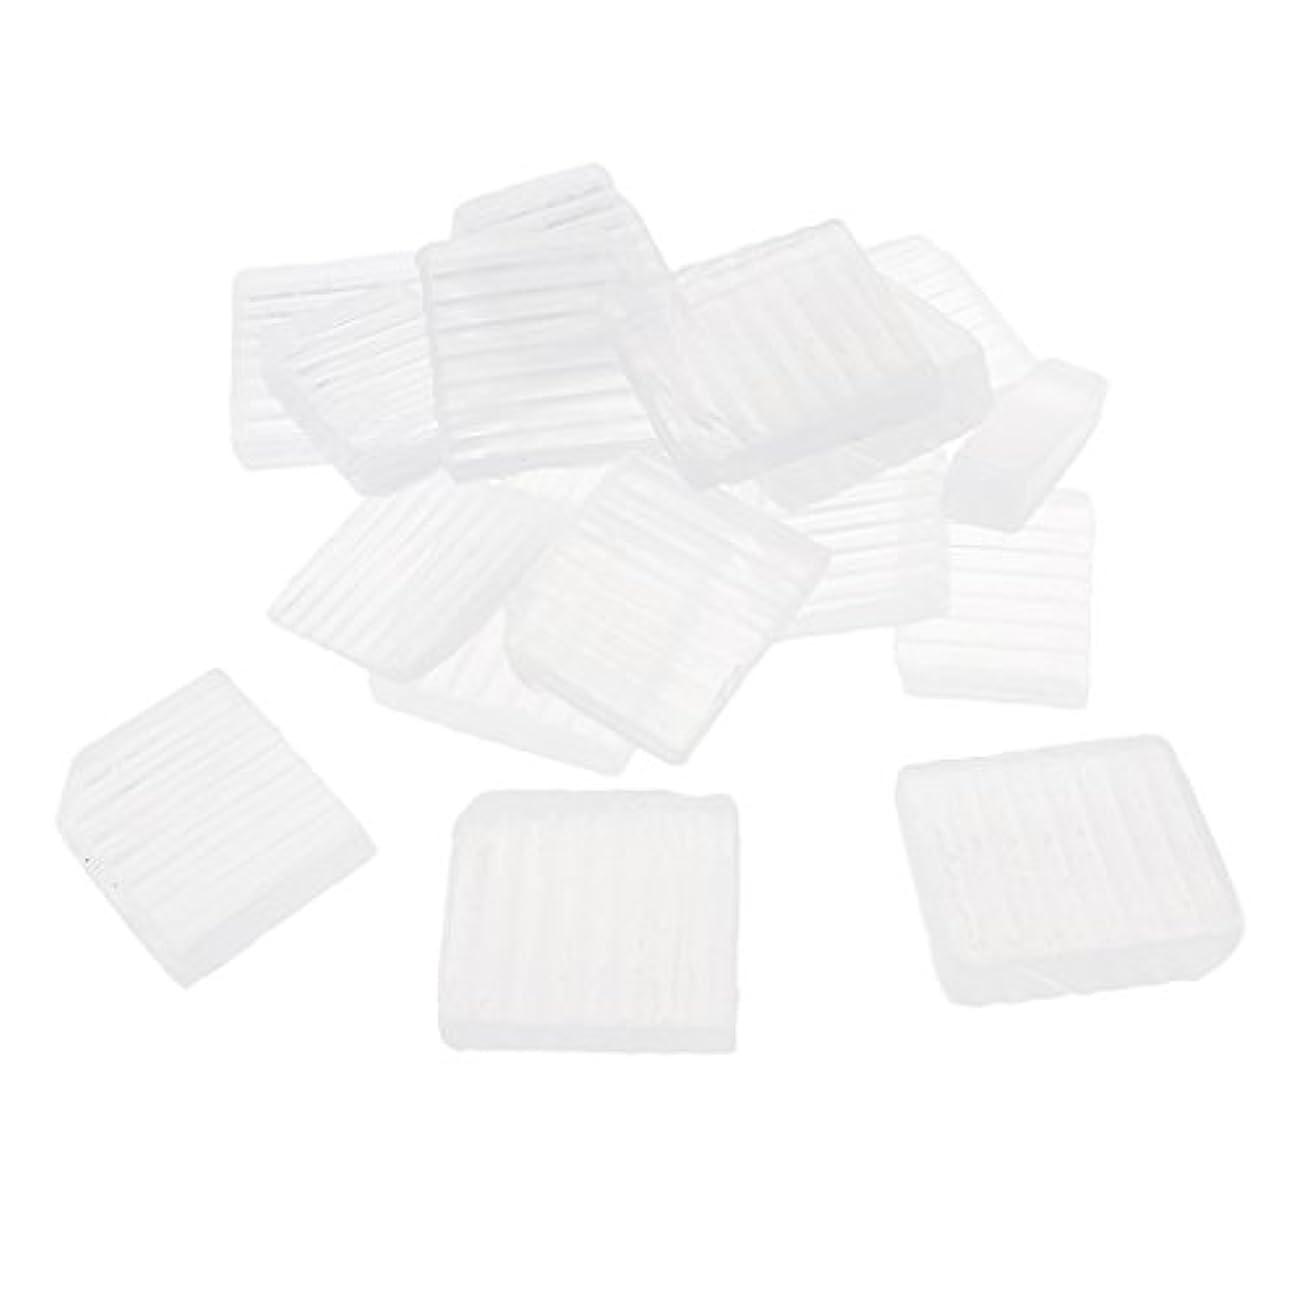 地上で次負石鹸ベース DIY 石鹸作り プアソープベース 石鹸クラフト 手作り 約1 KG